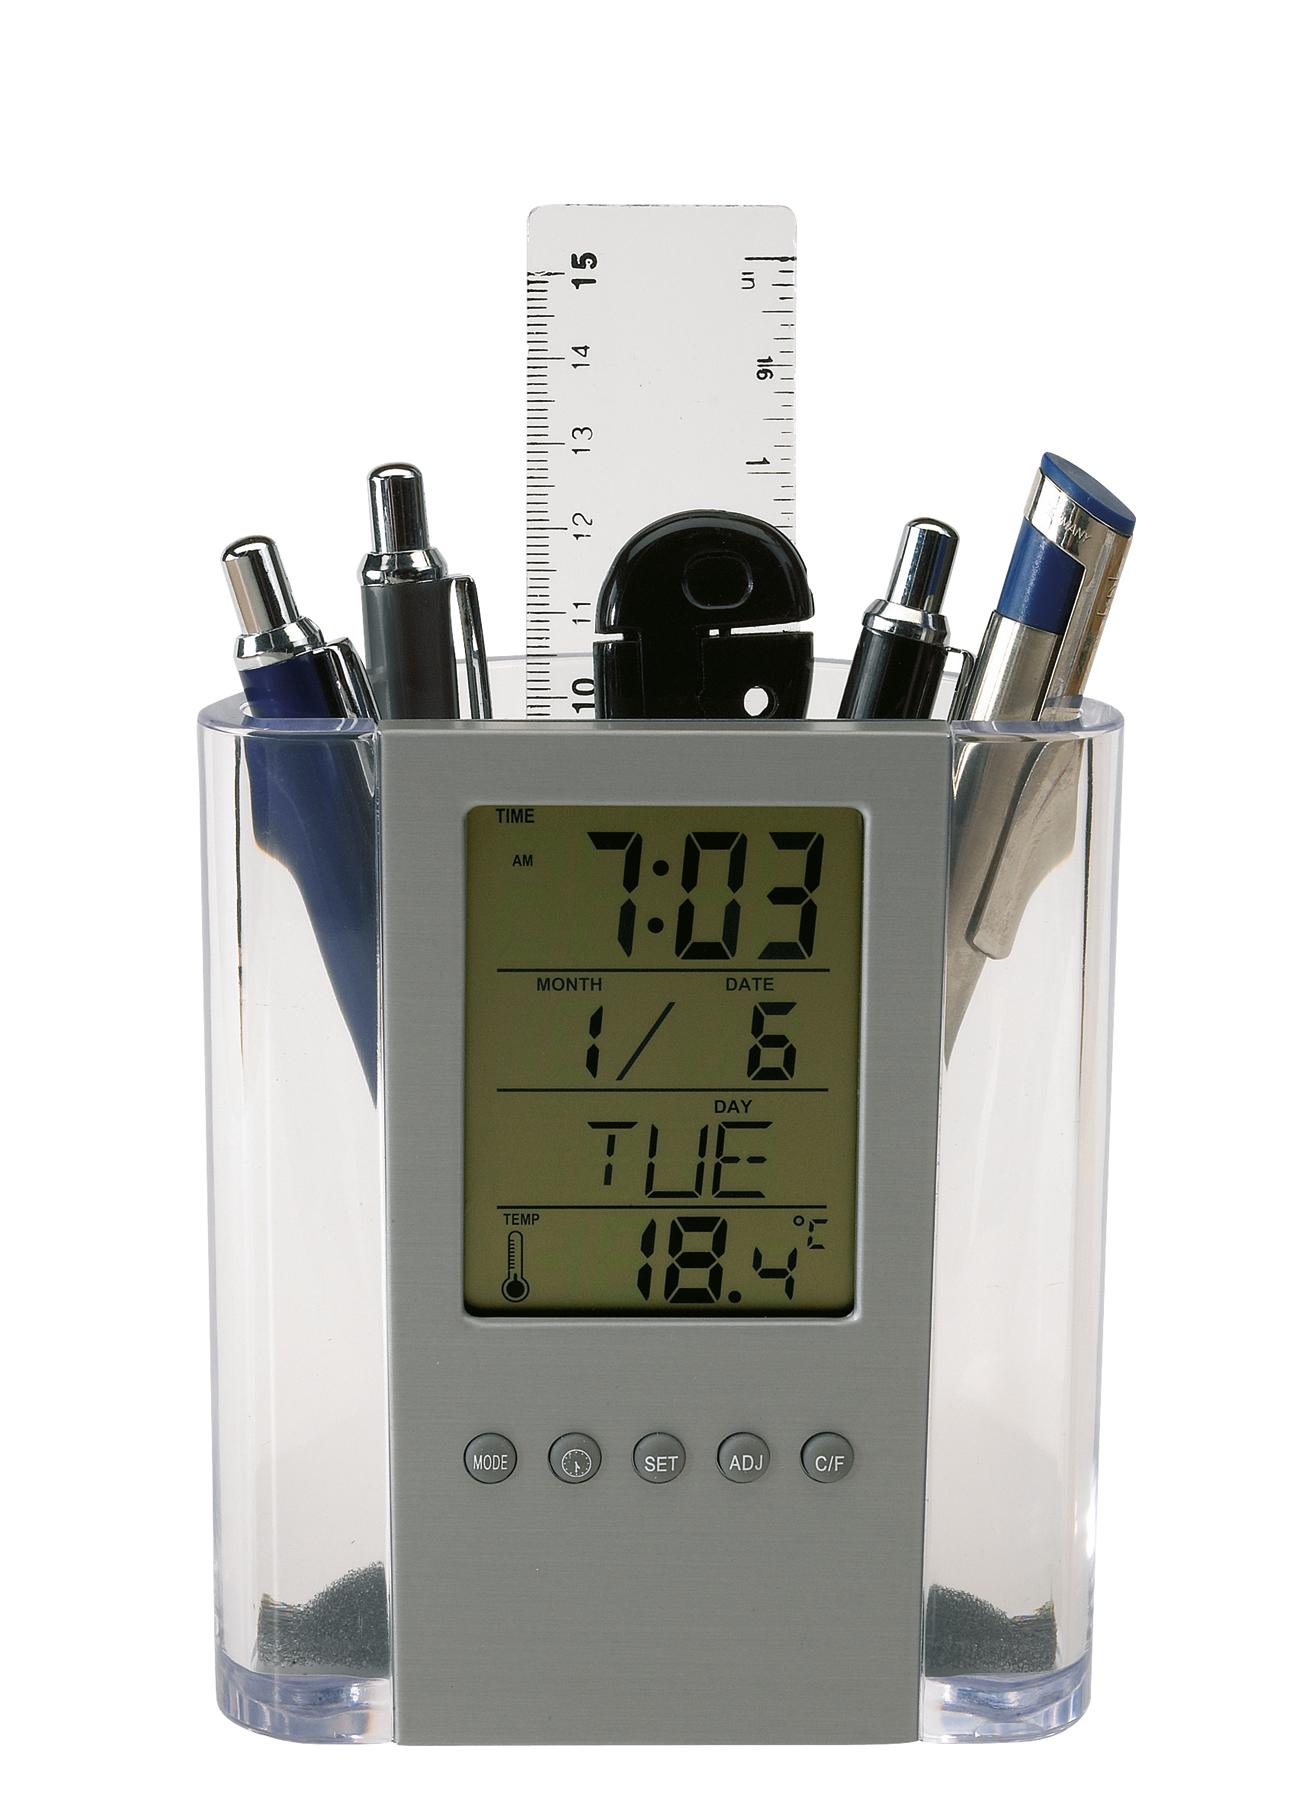 Zegar z wyświetlaczem LCD BUTLER, srebrny, transparentny